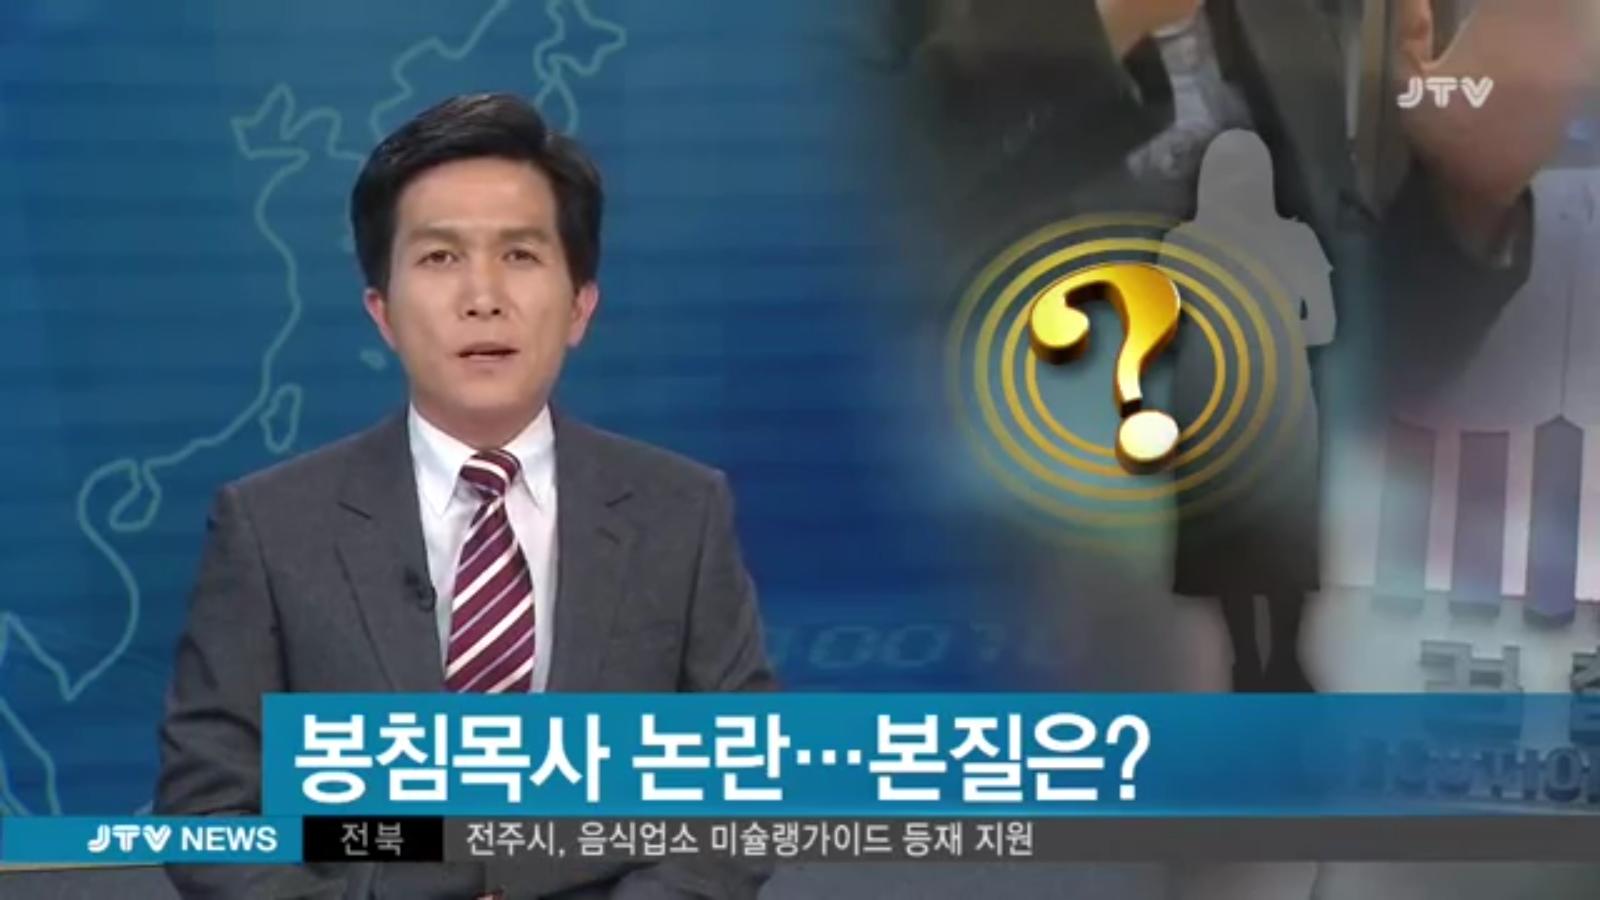 [18.4.12 JTV] 전주 봉침게이트, 봉침목사 논란...본질은1.jpg